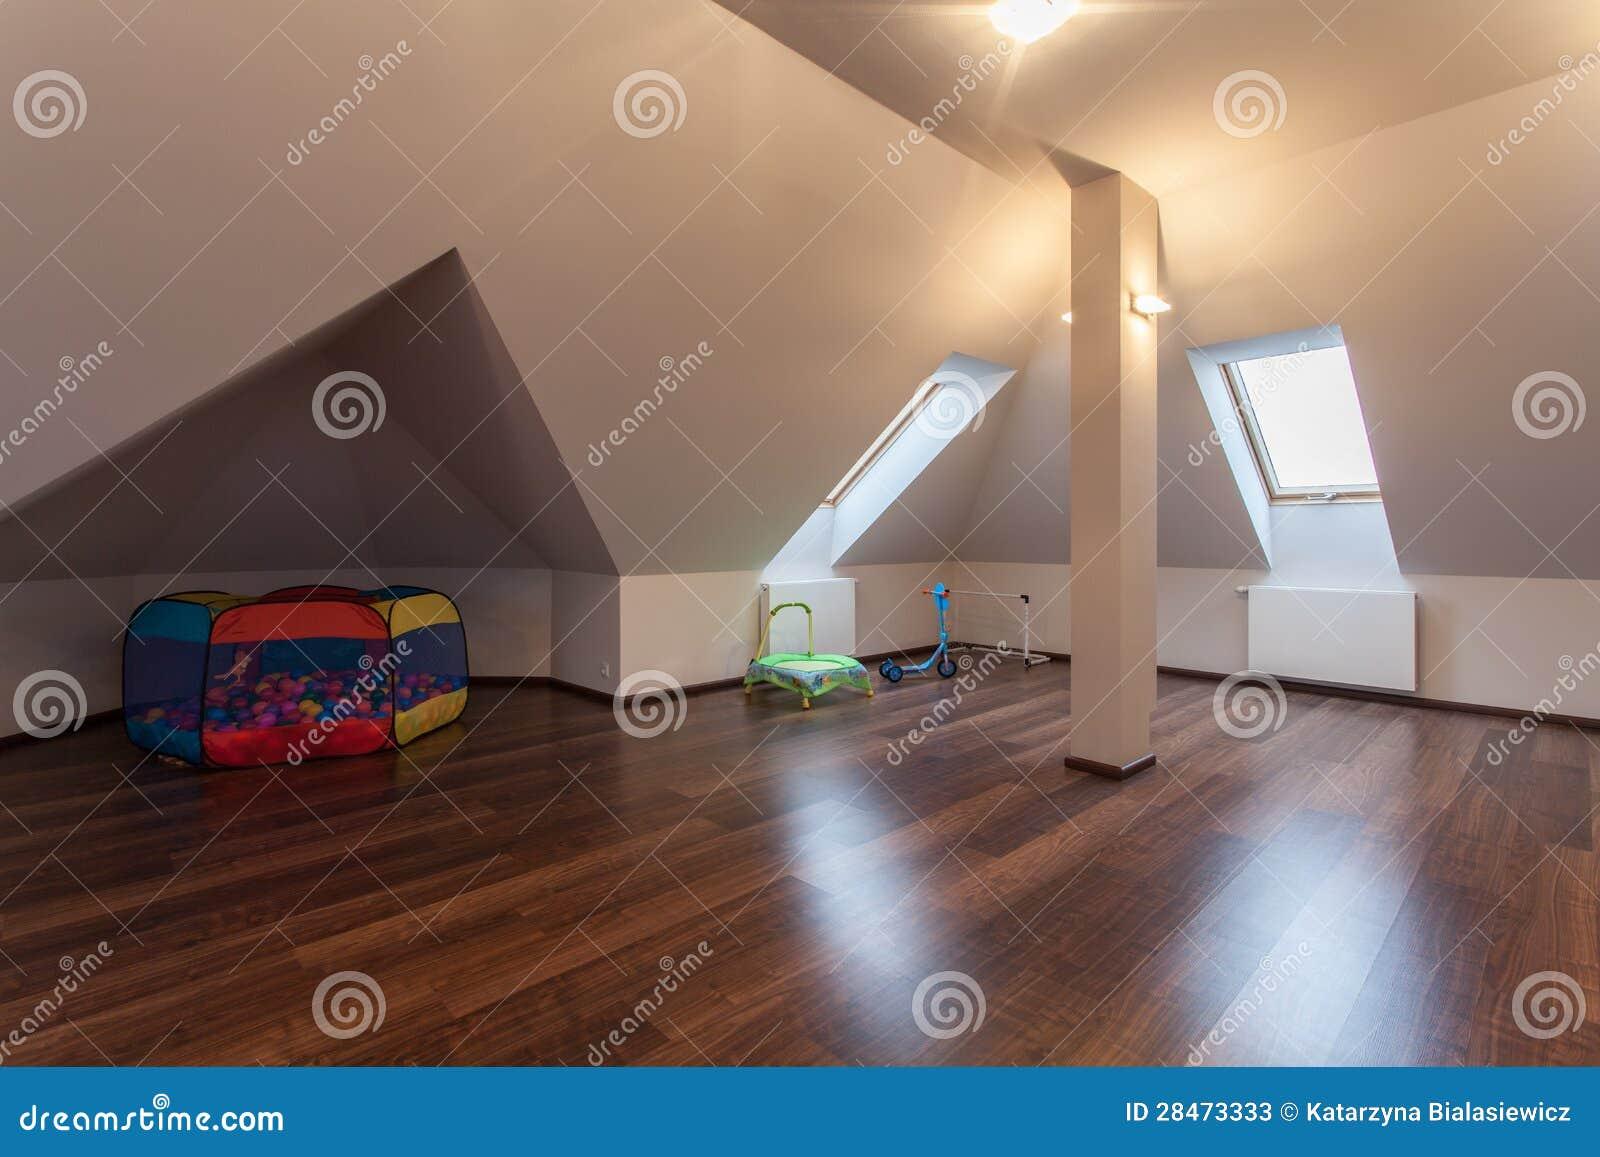 Rubyhus - loft med toys